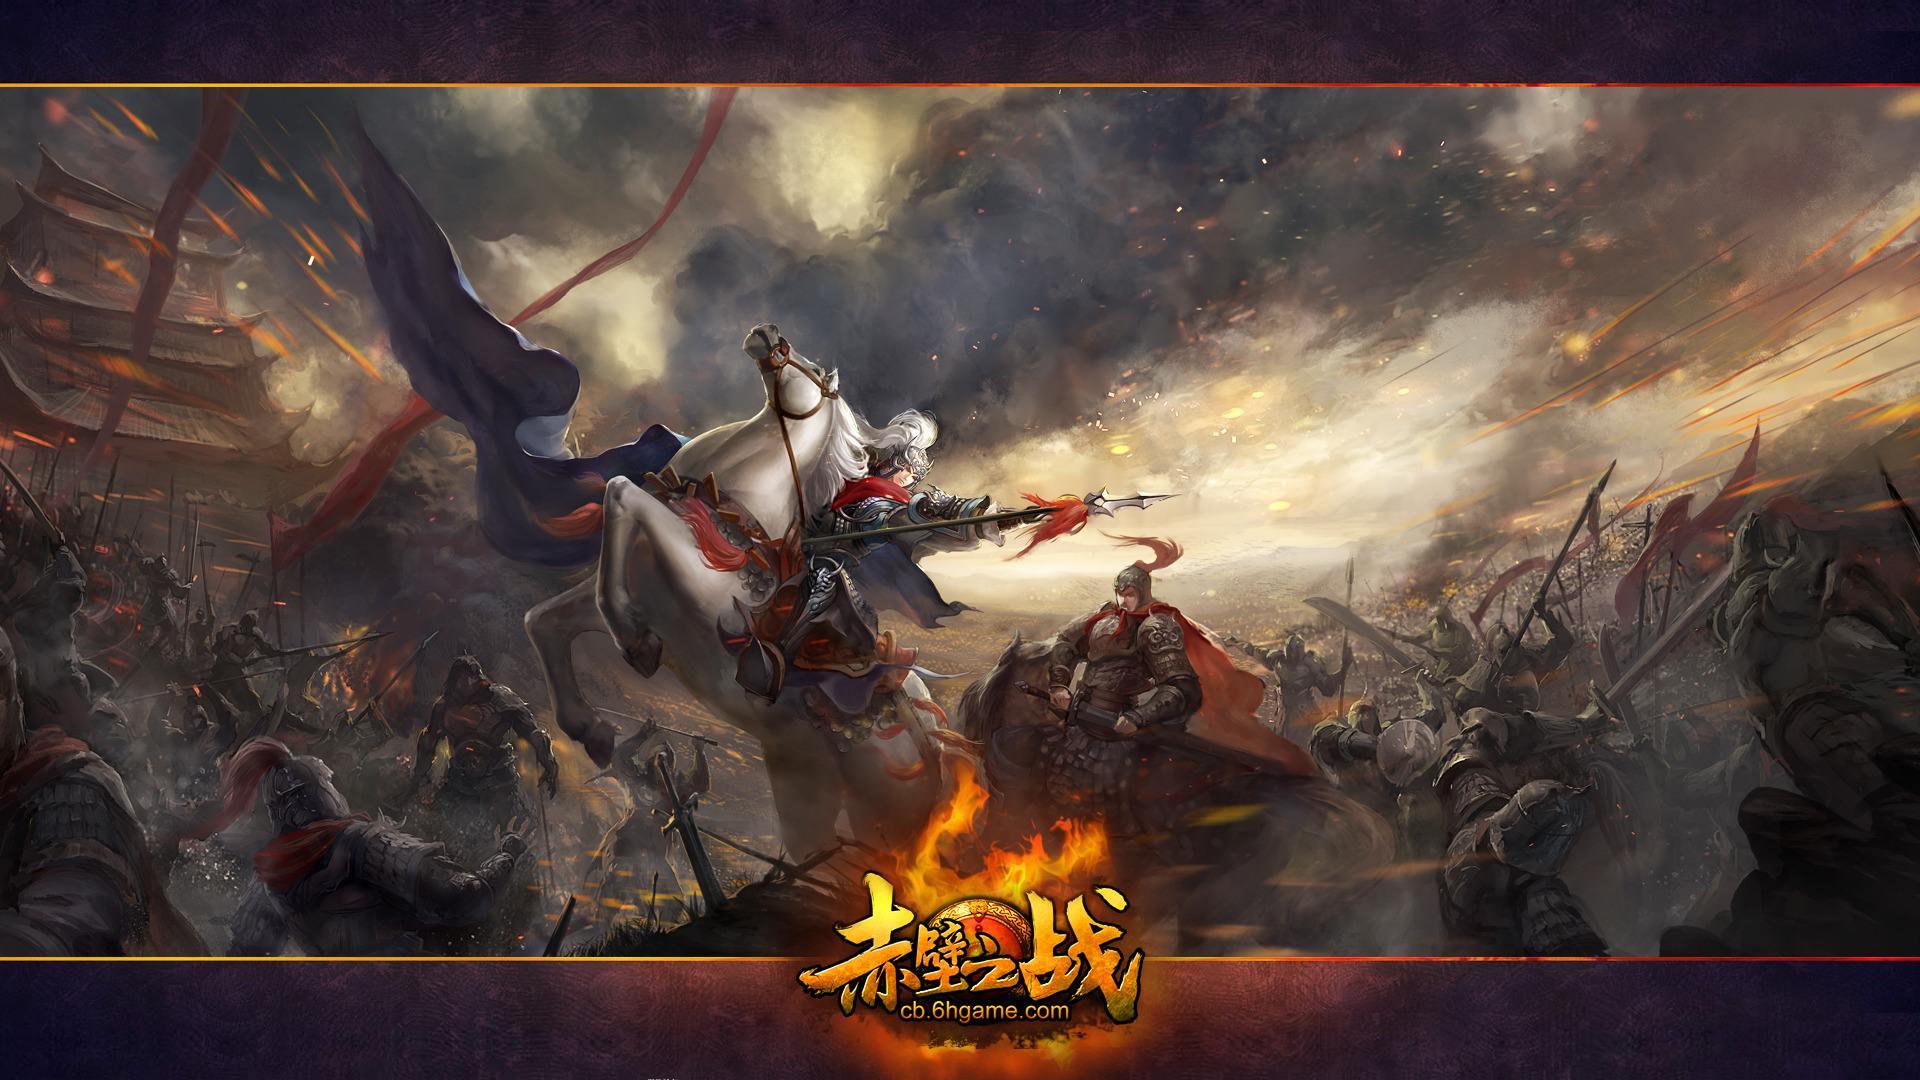 赤壁之战简介